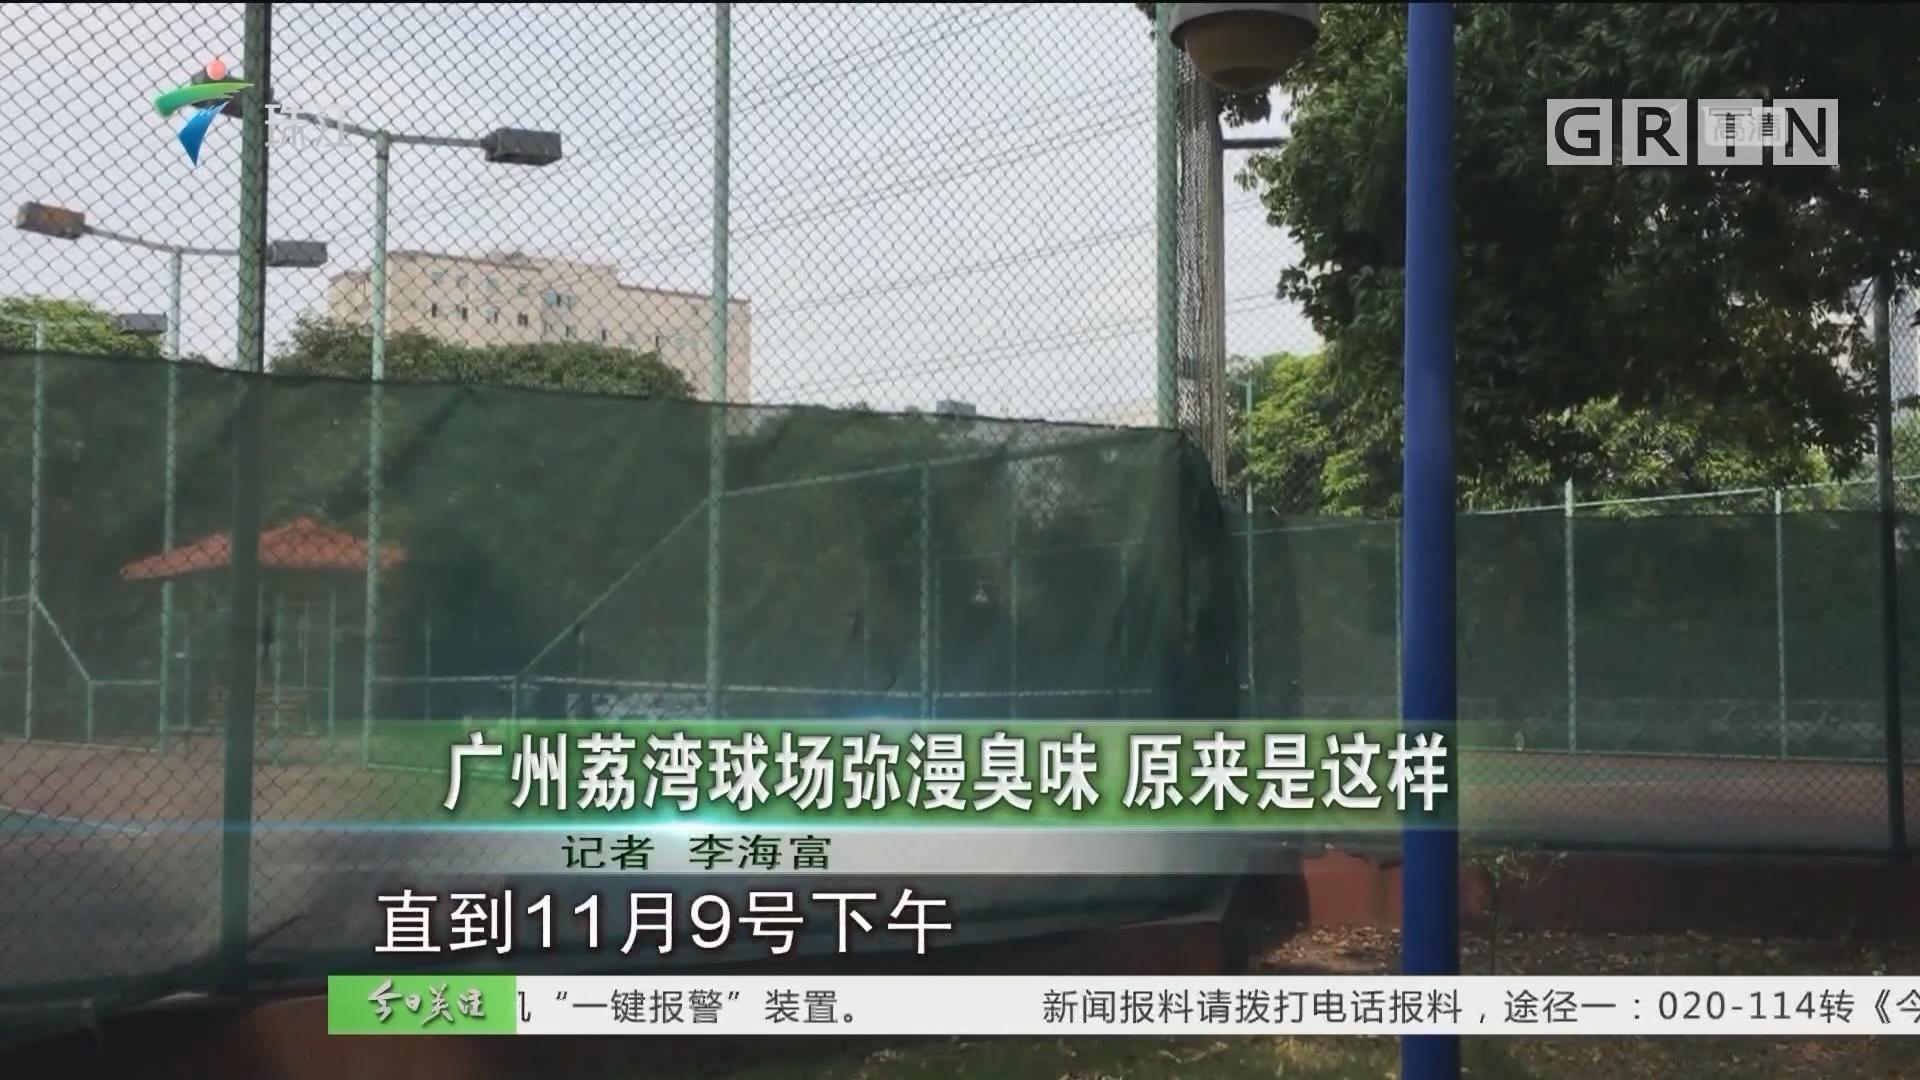 广州荔湾球场弥漫臭味 原来是这样